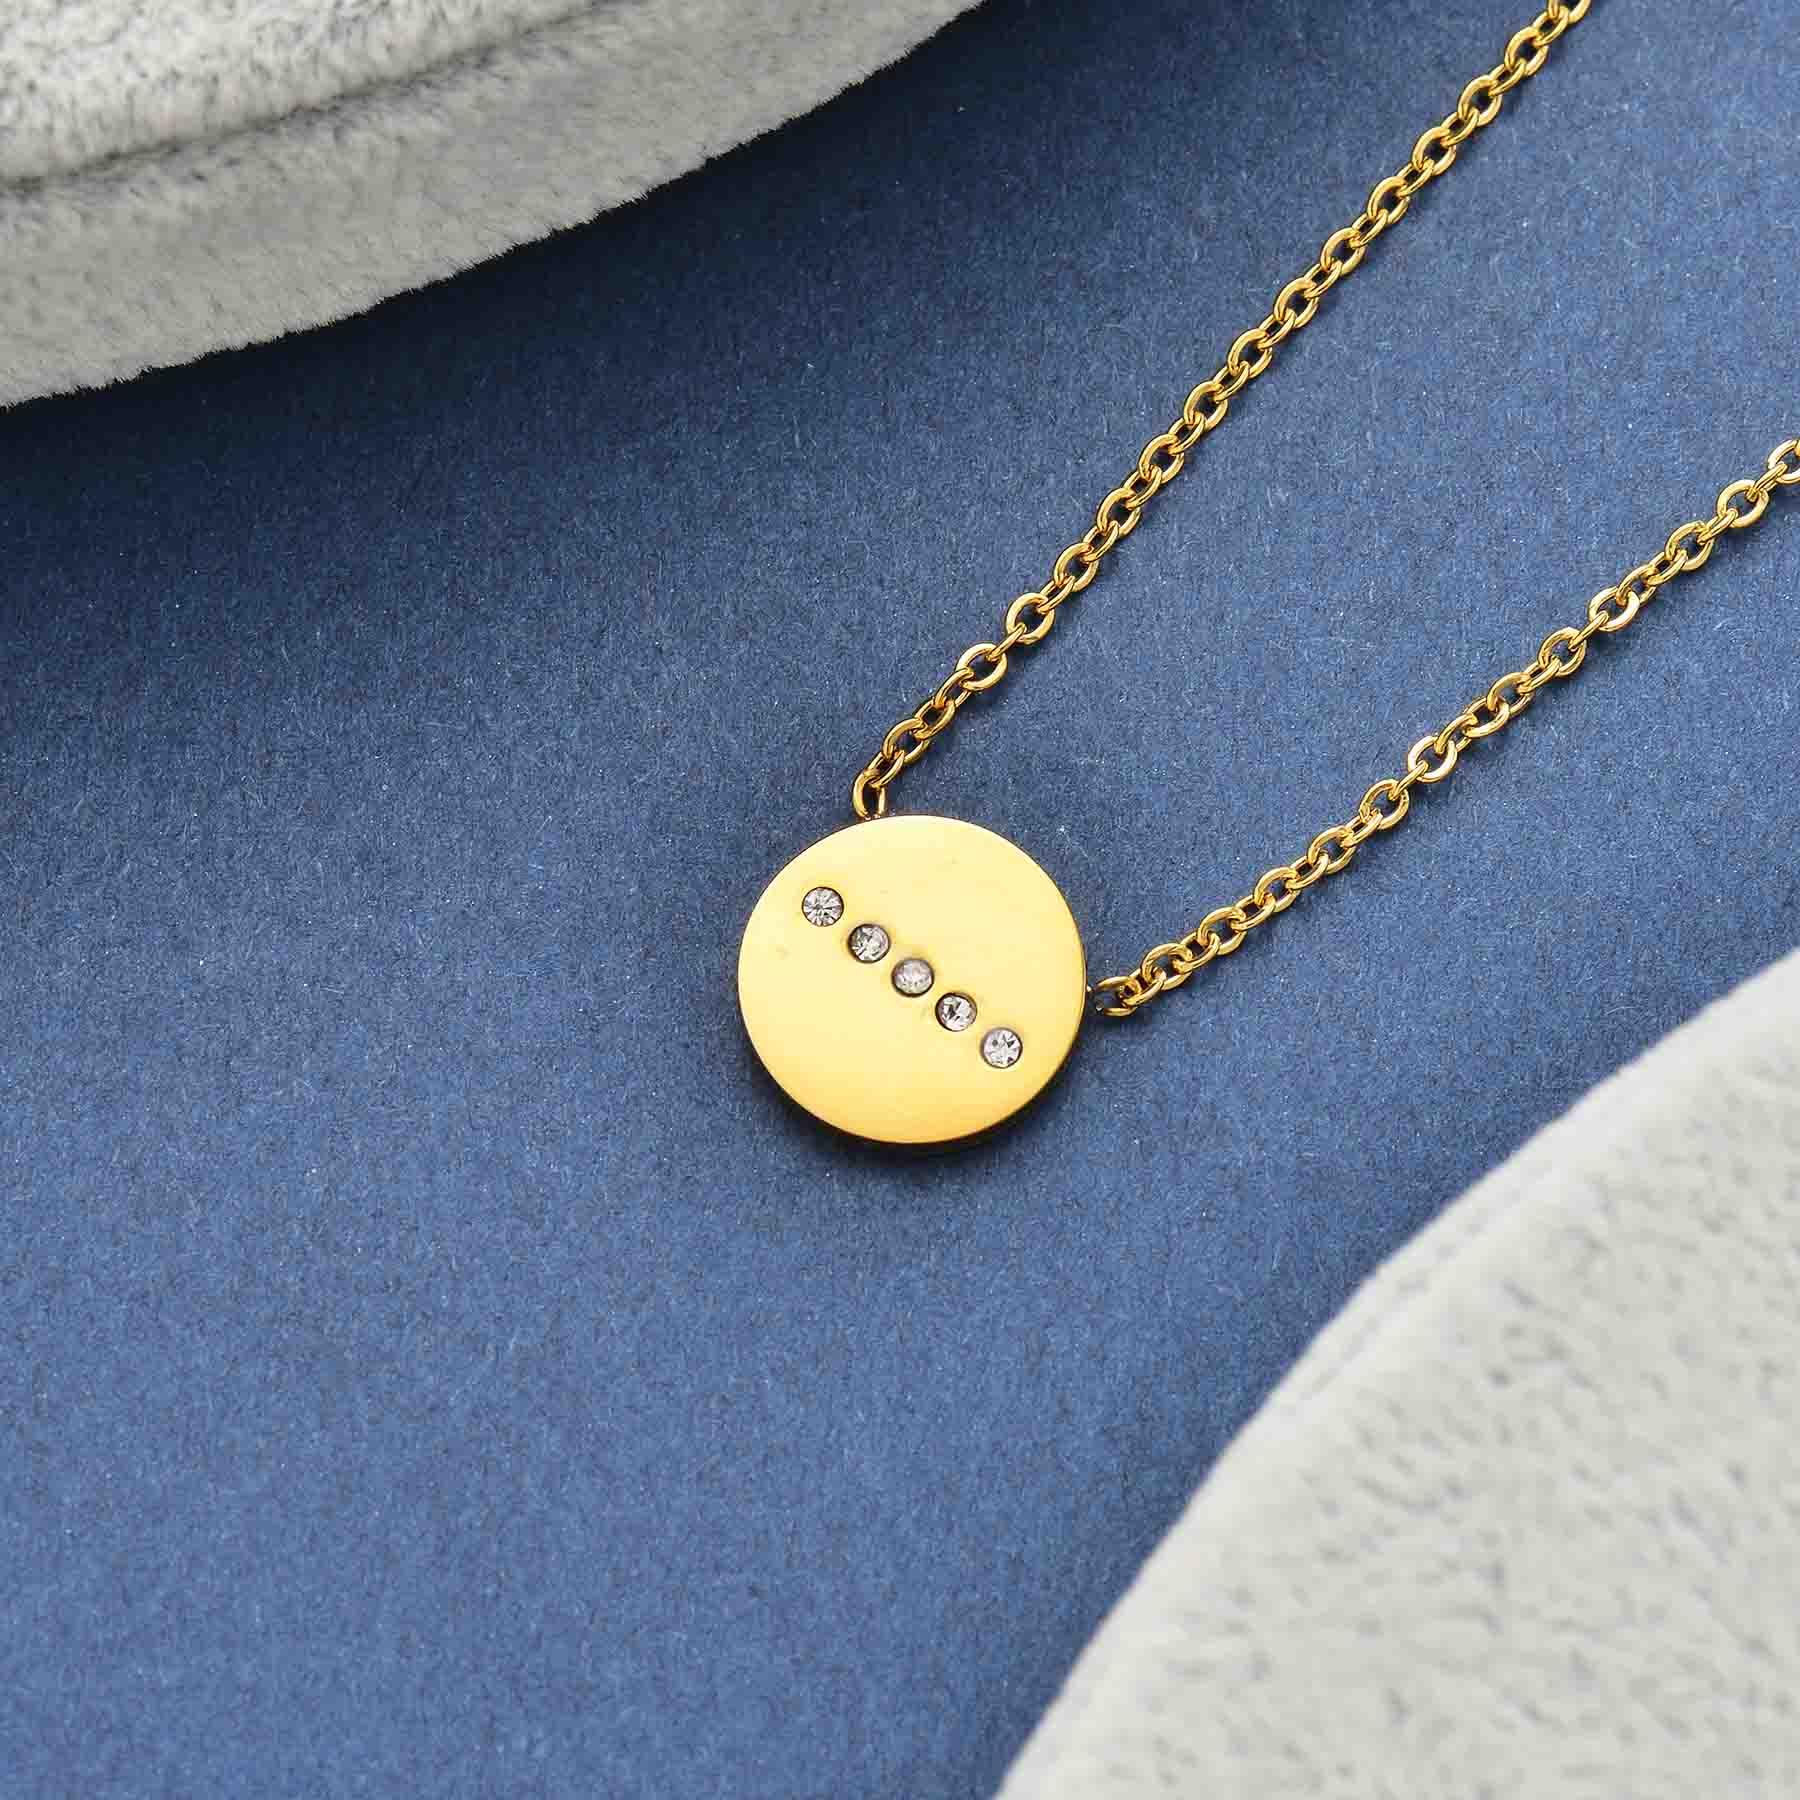 Collares de Acero Inoxidable para Mujer al por Mayor -SSNEG143-34644